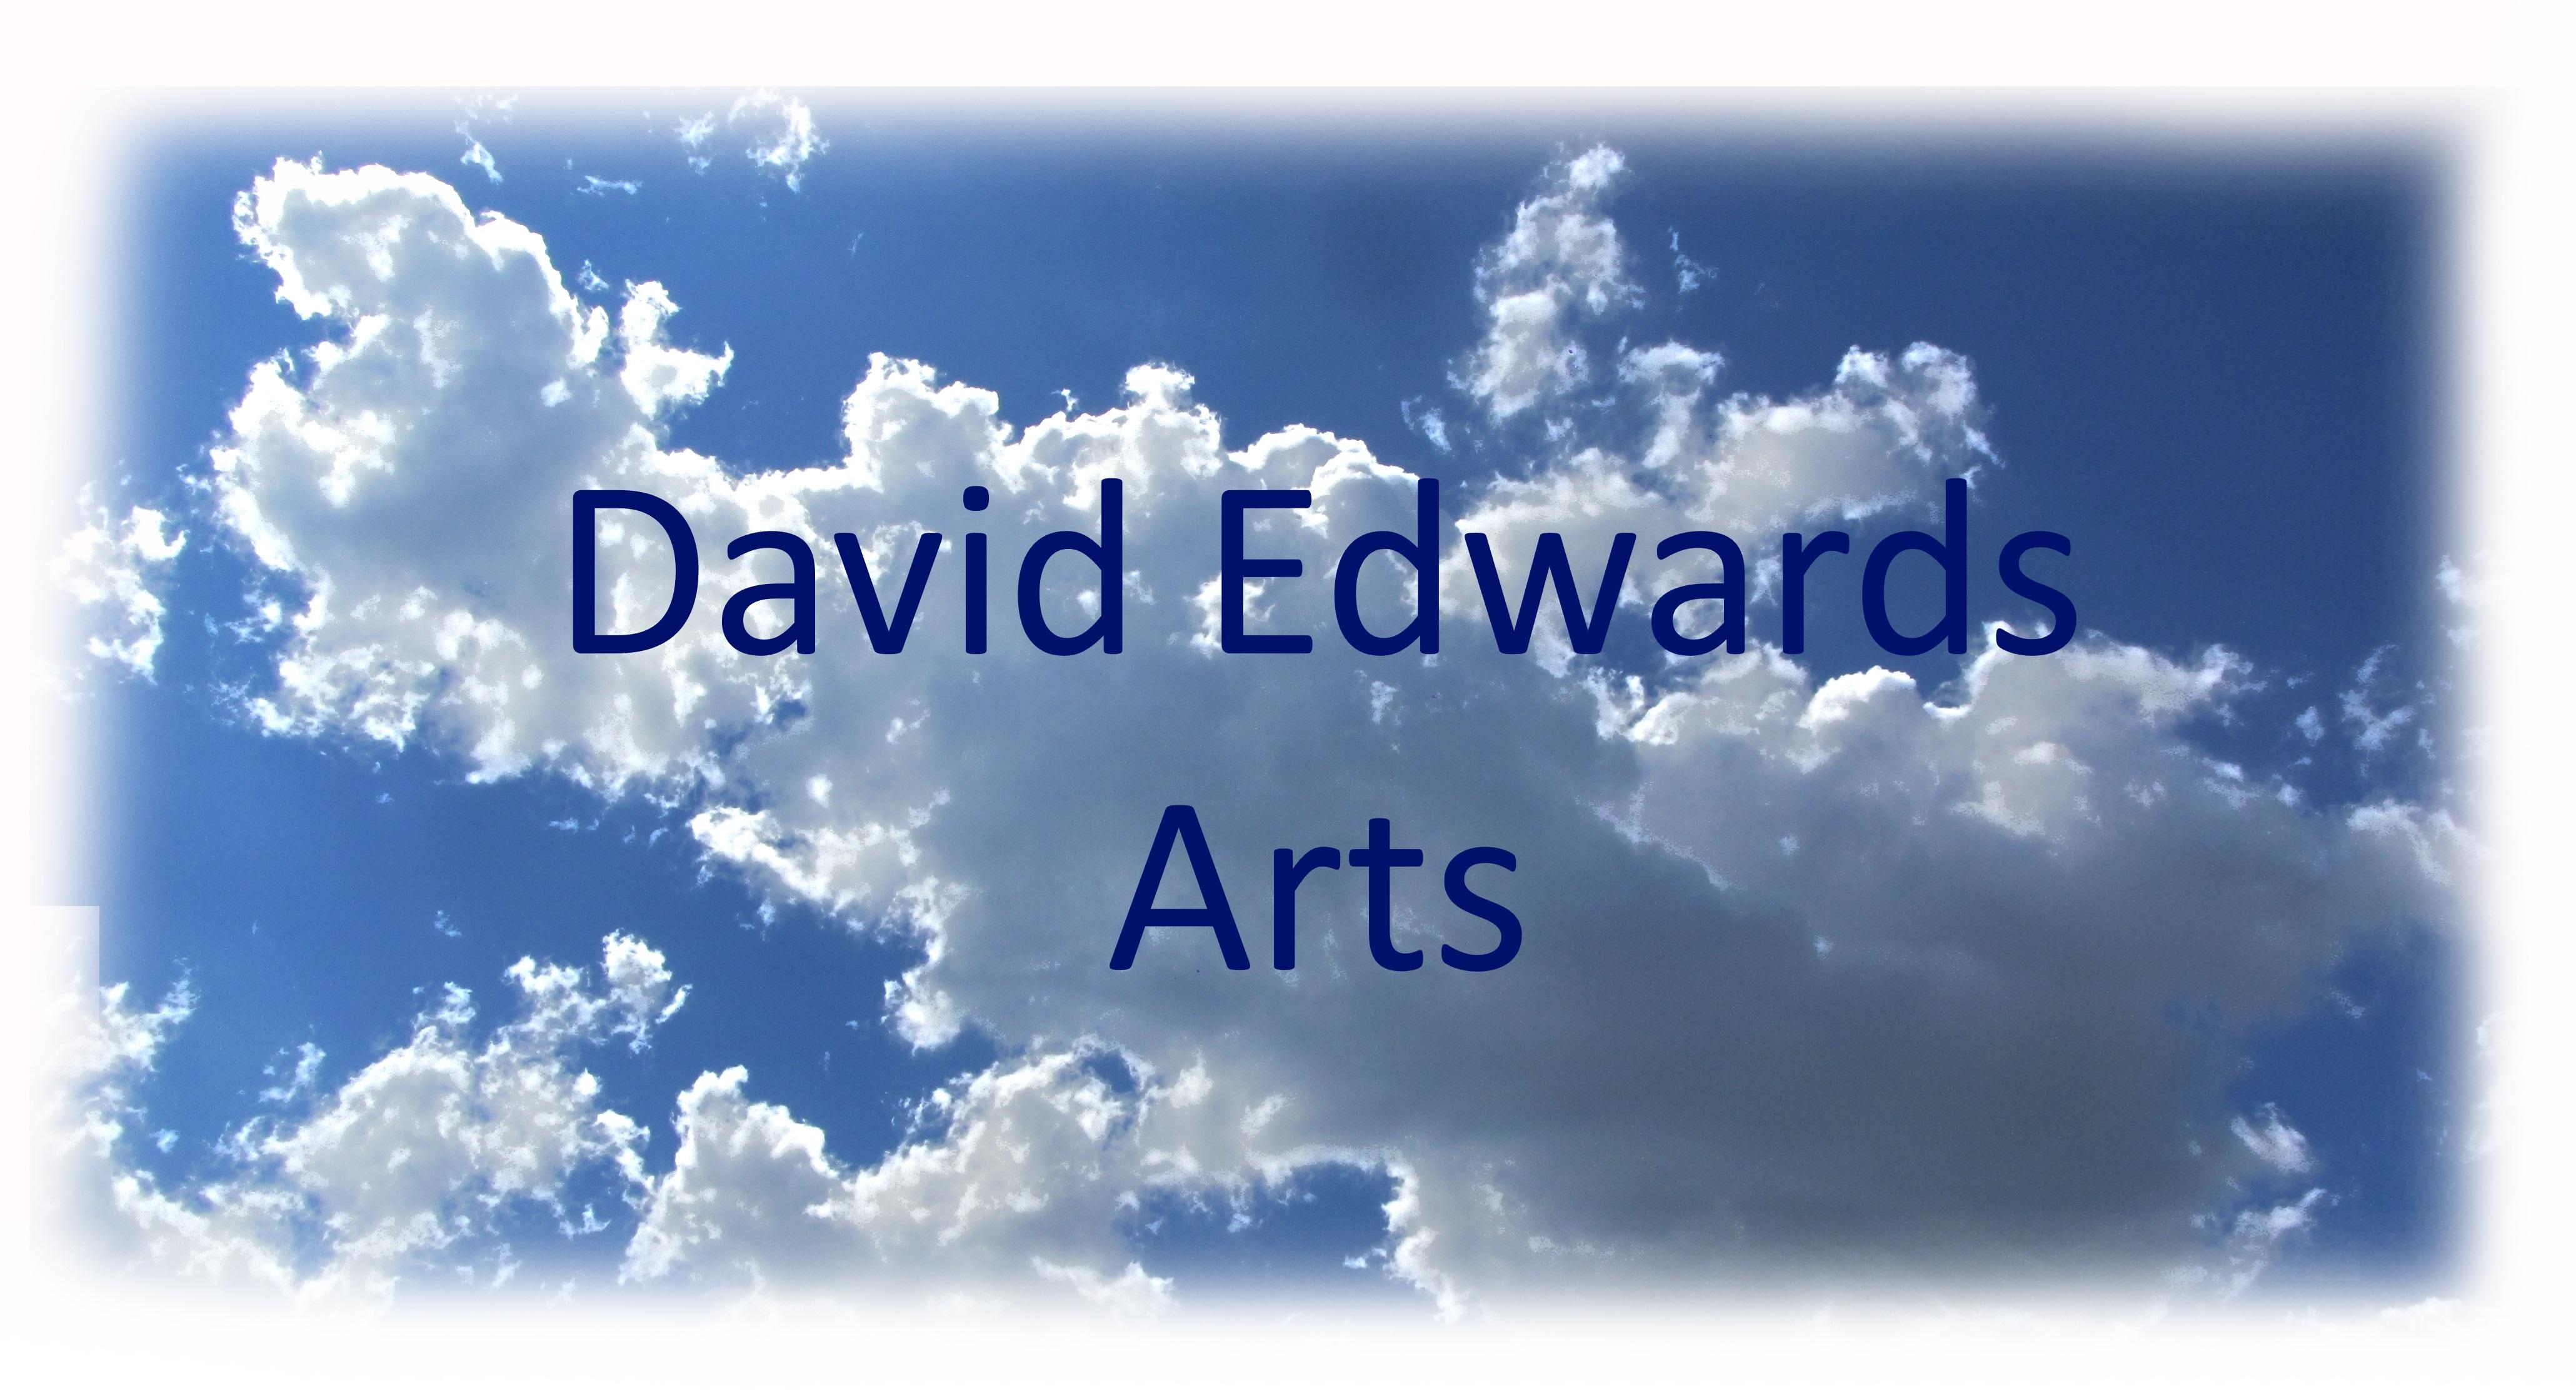 sdavidedwards